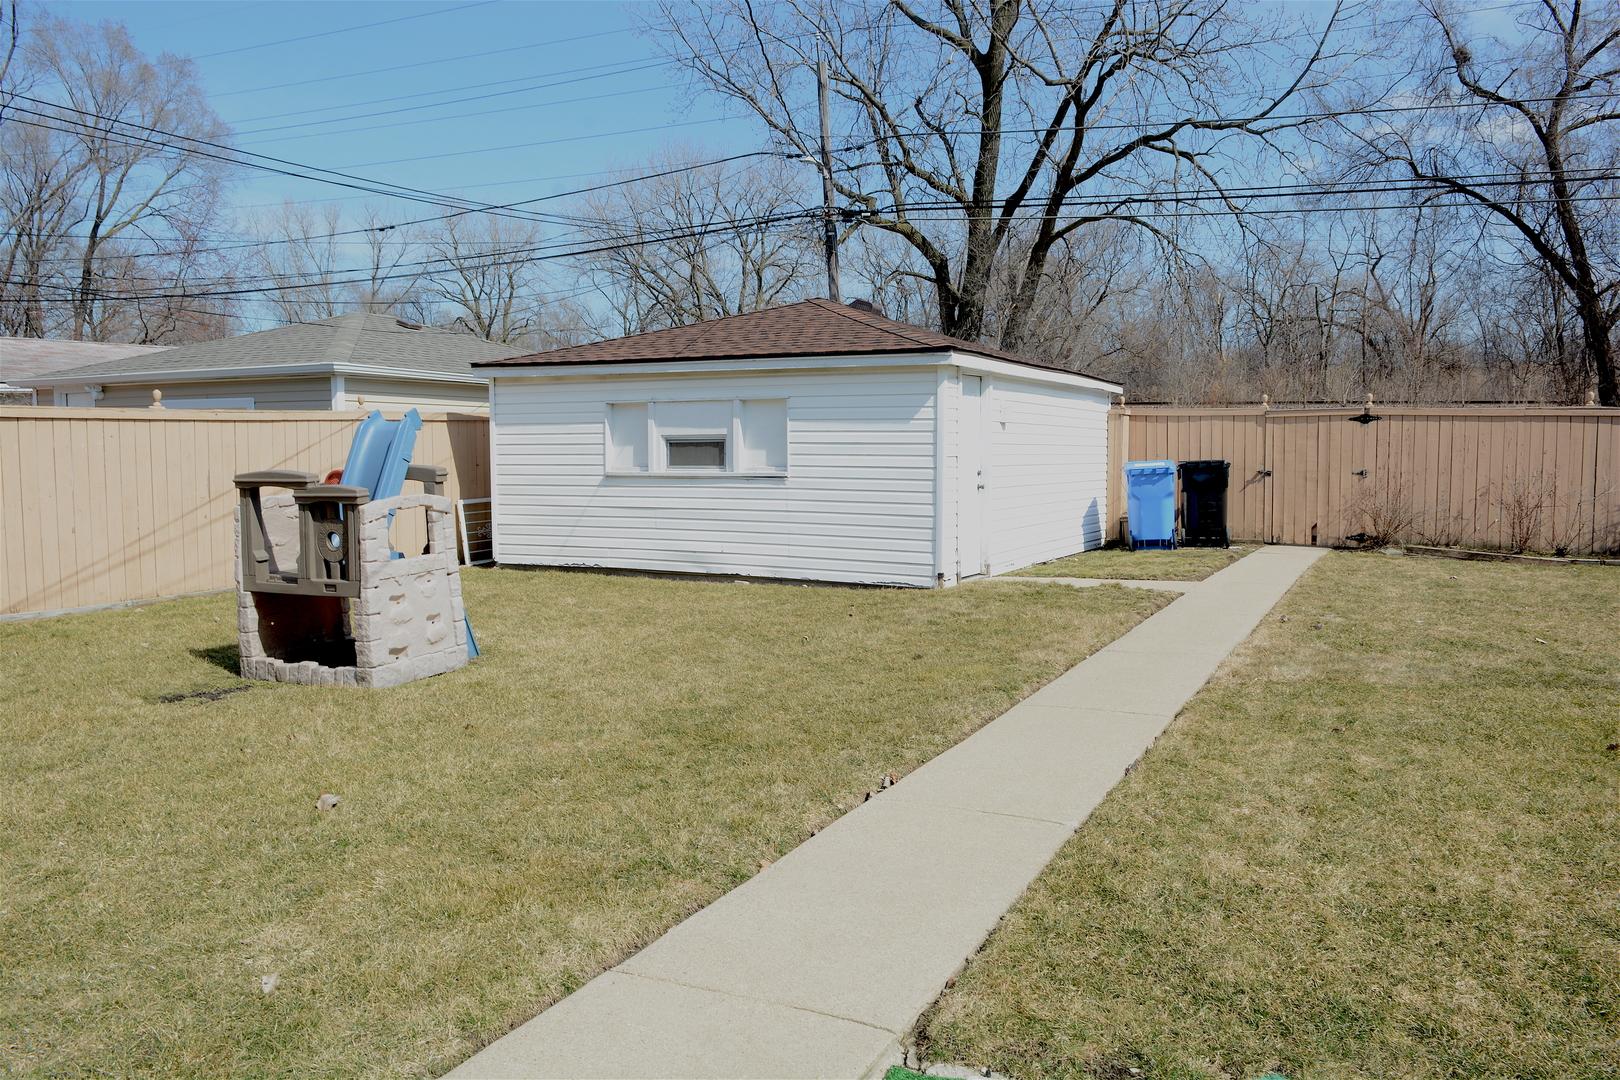 8847 South Eggleston, CHICAGO, Illinois, 60620